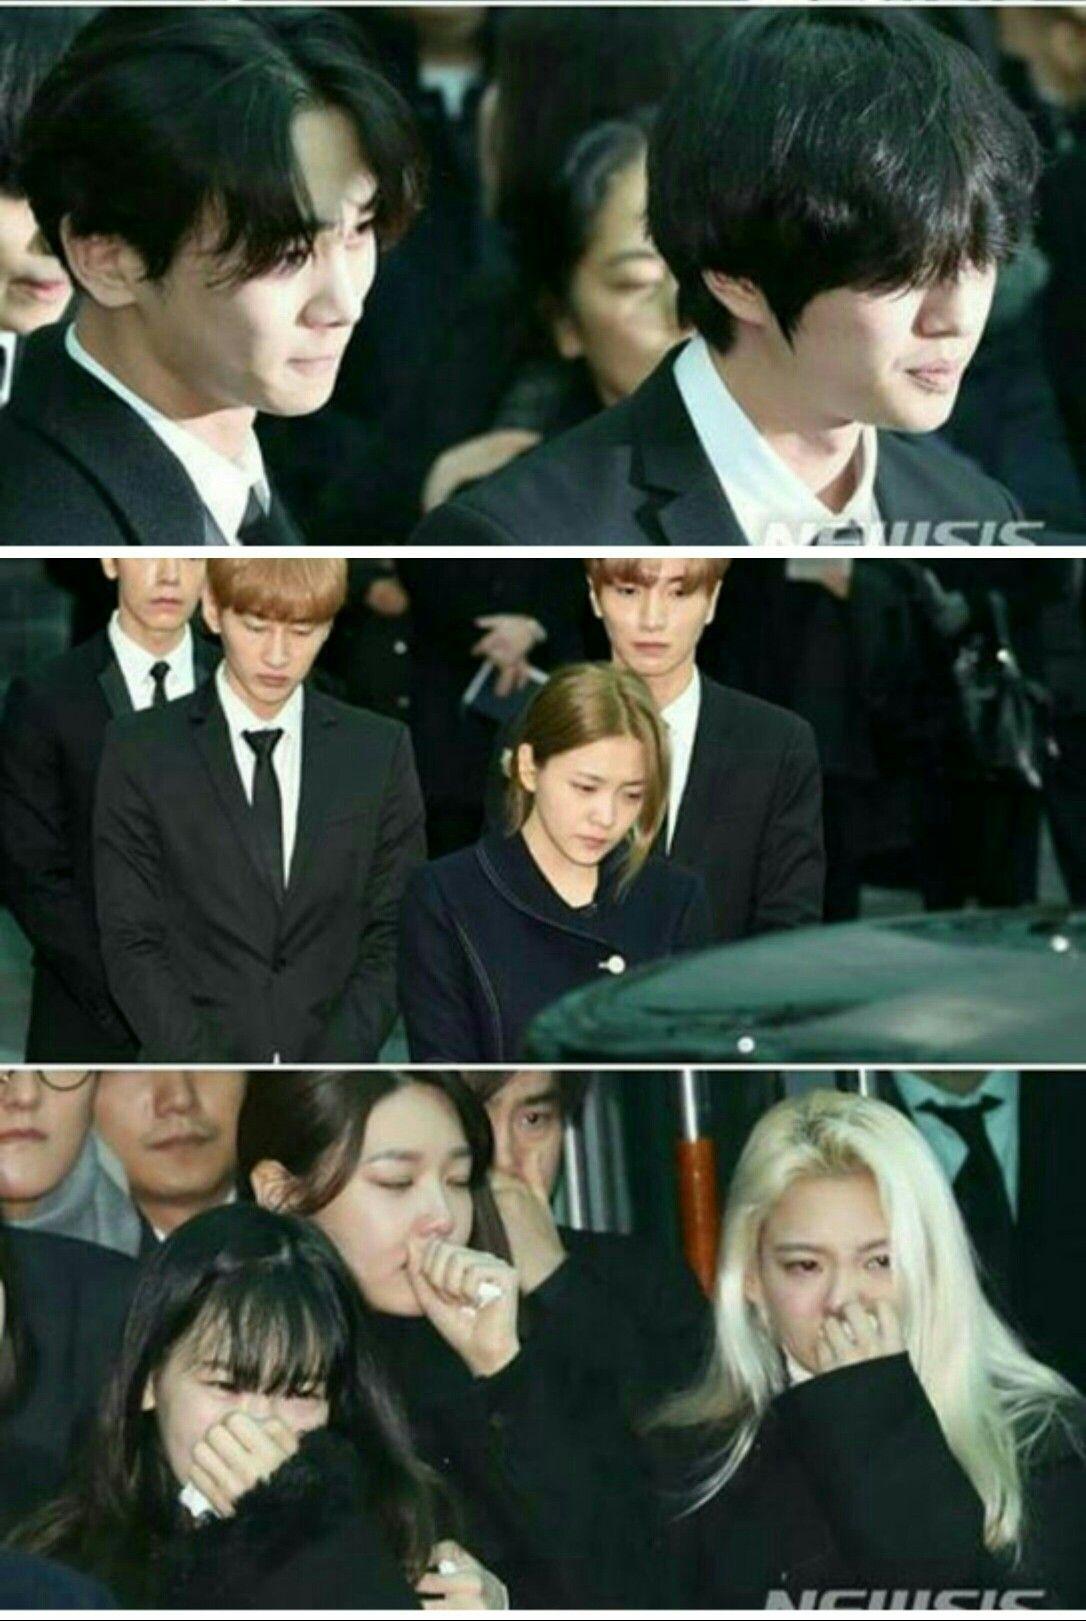 Jonghyun's last day of funeral  R  I  P KIM JONGHYUN  You've